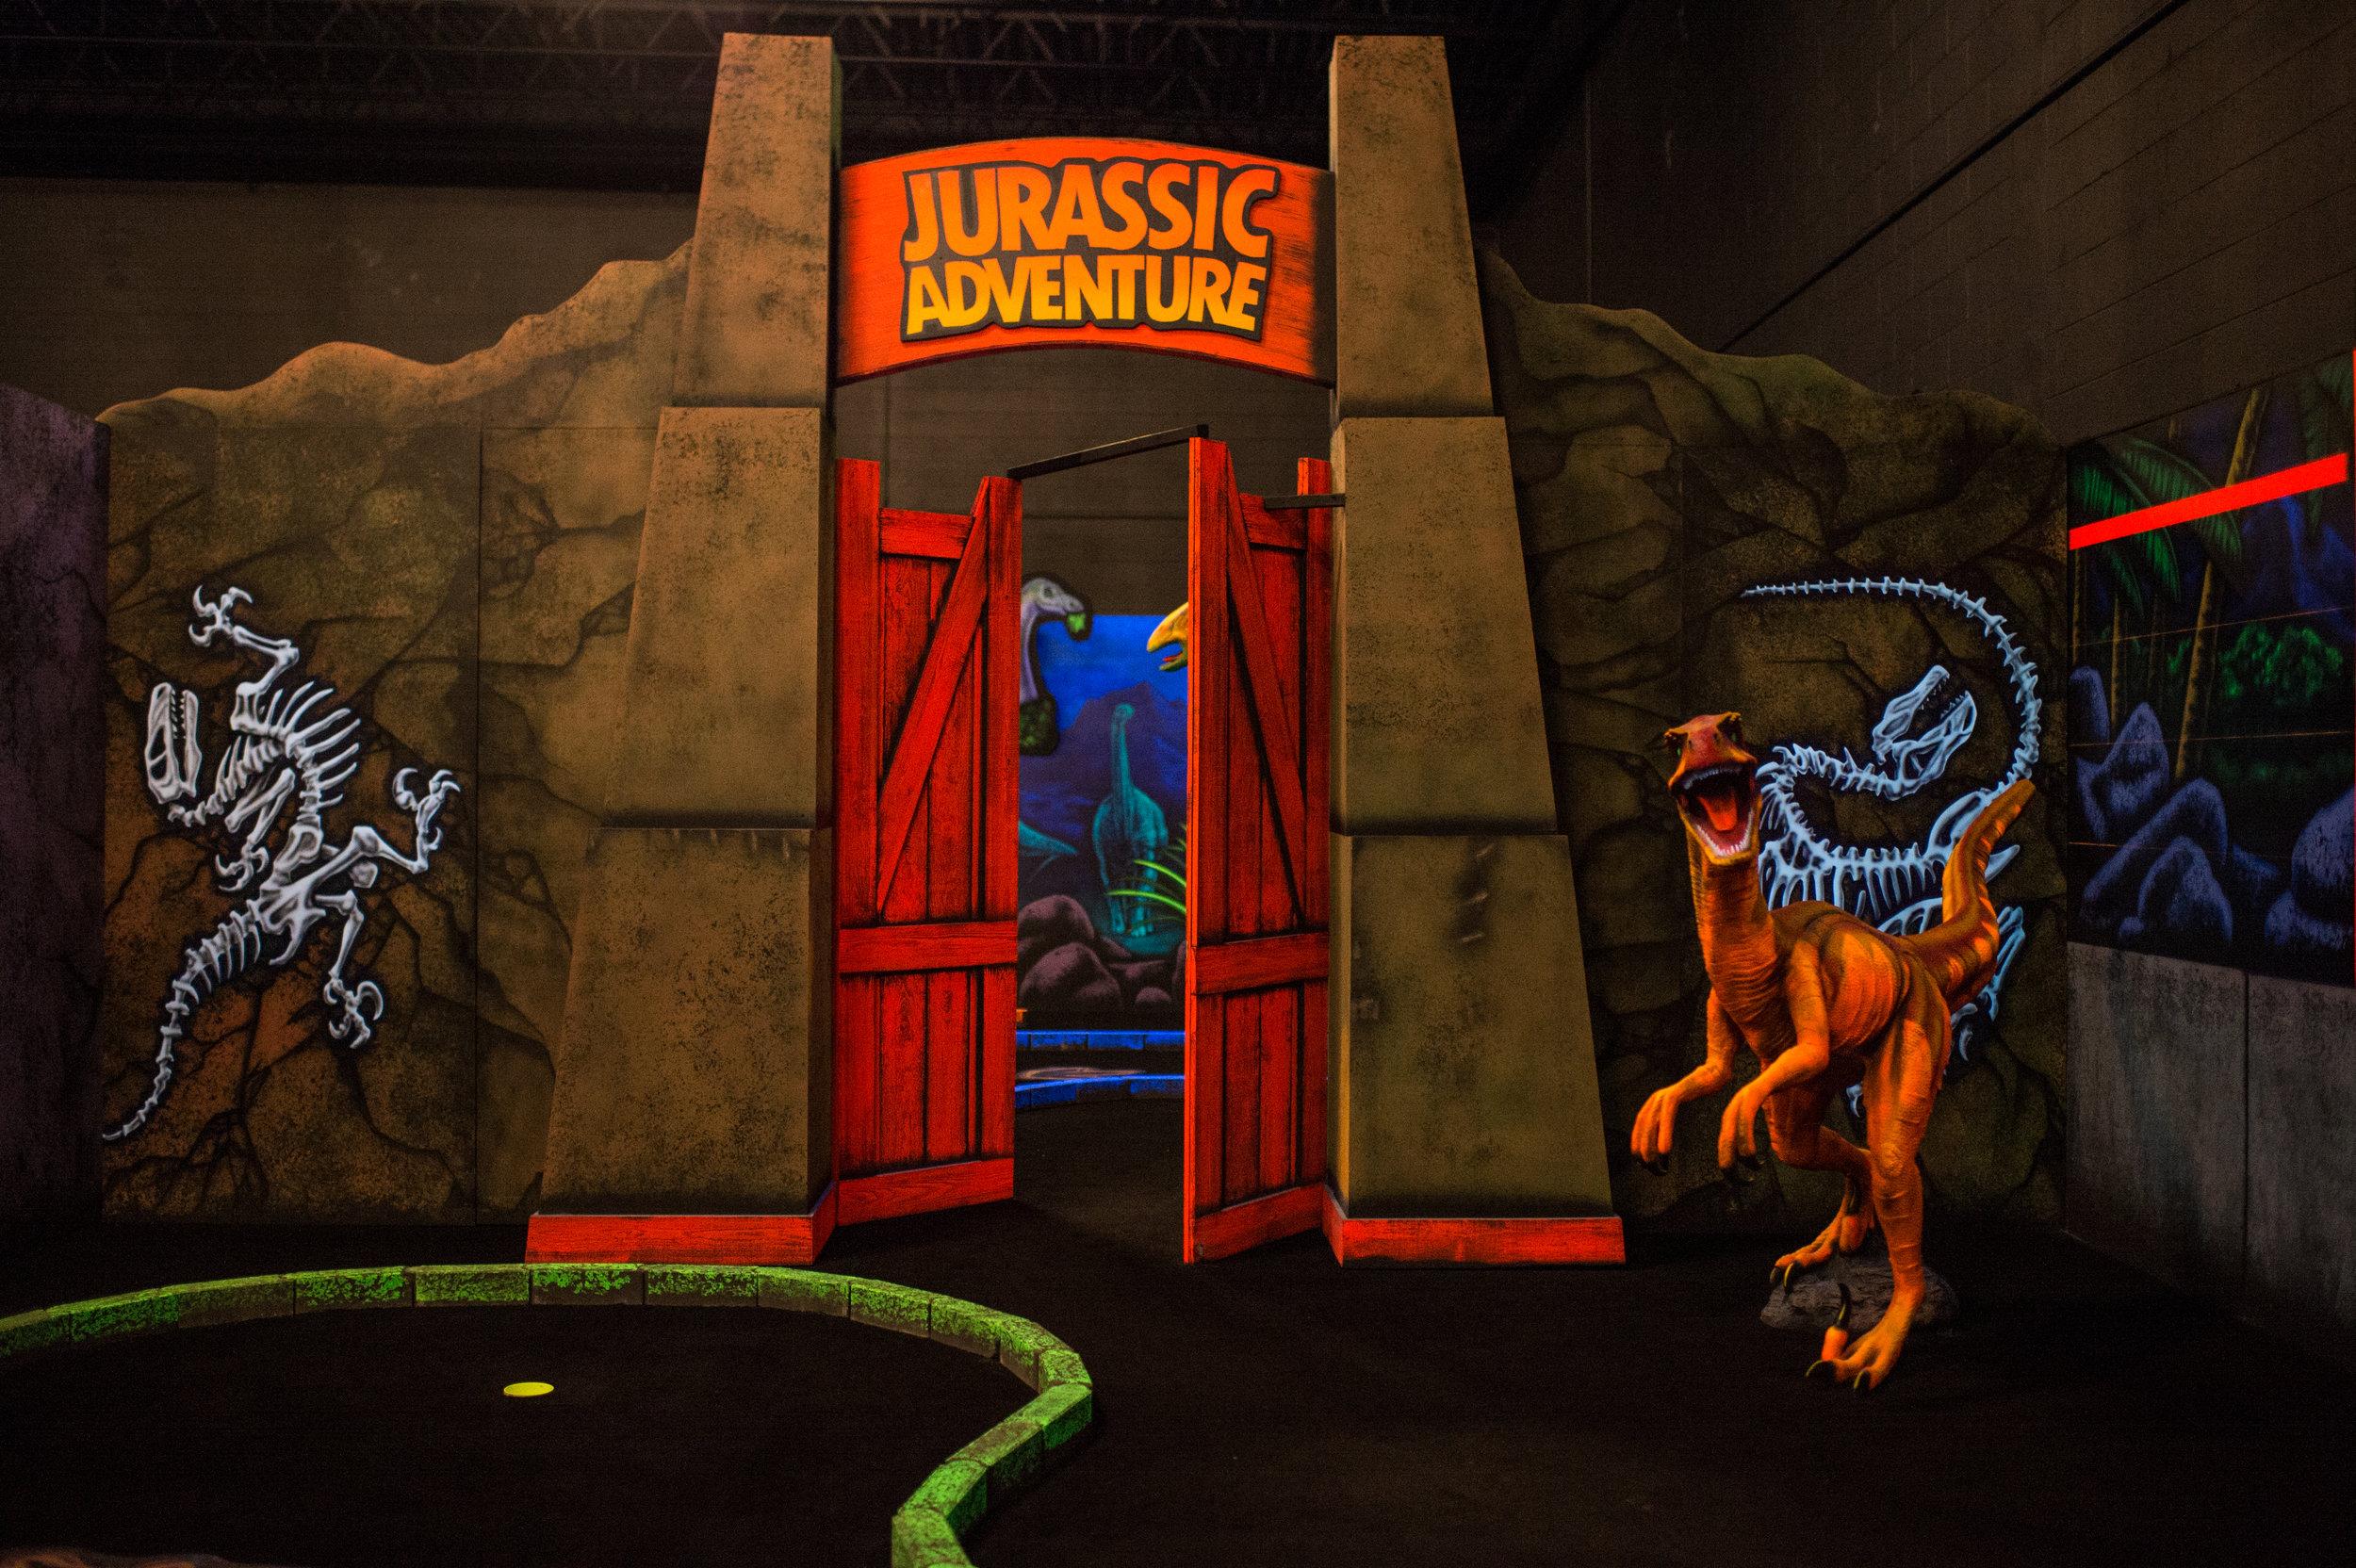 JurassicGolf_blacklightgolf.jpg